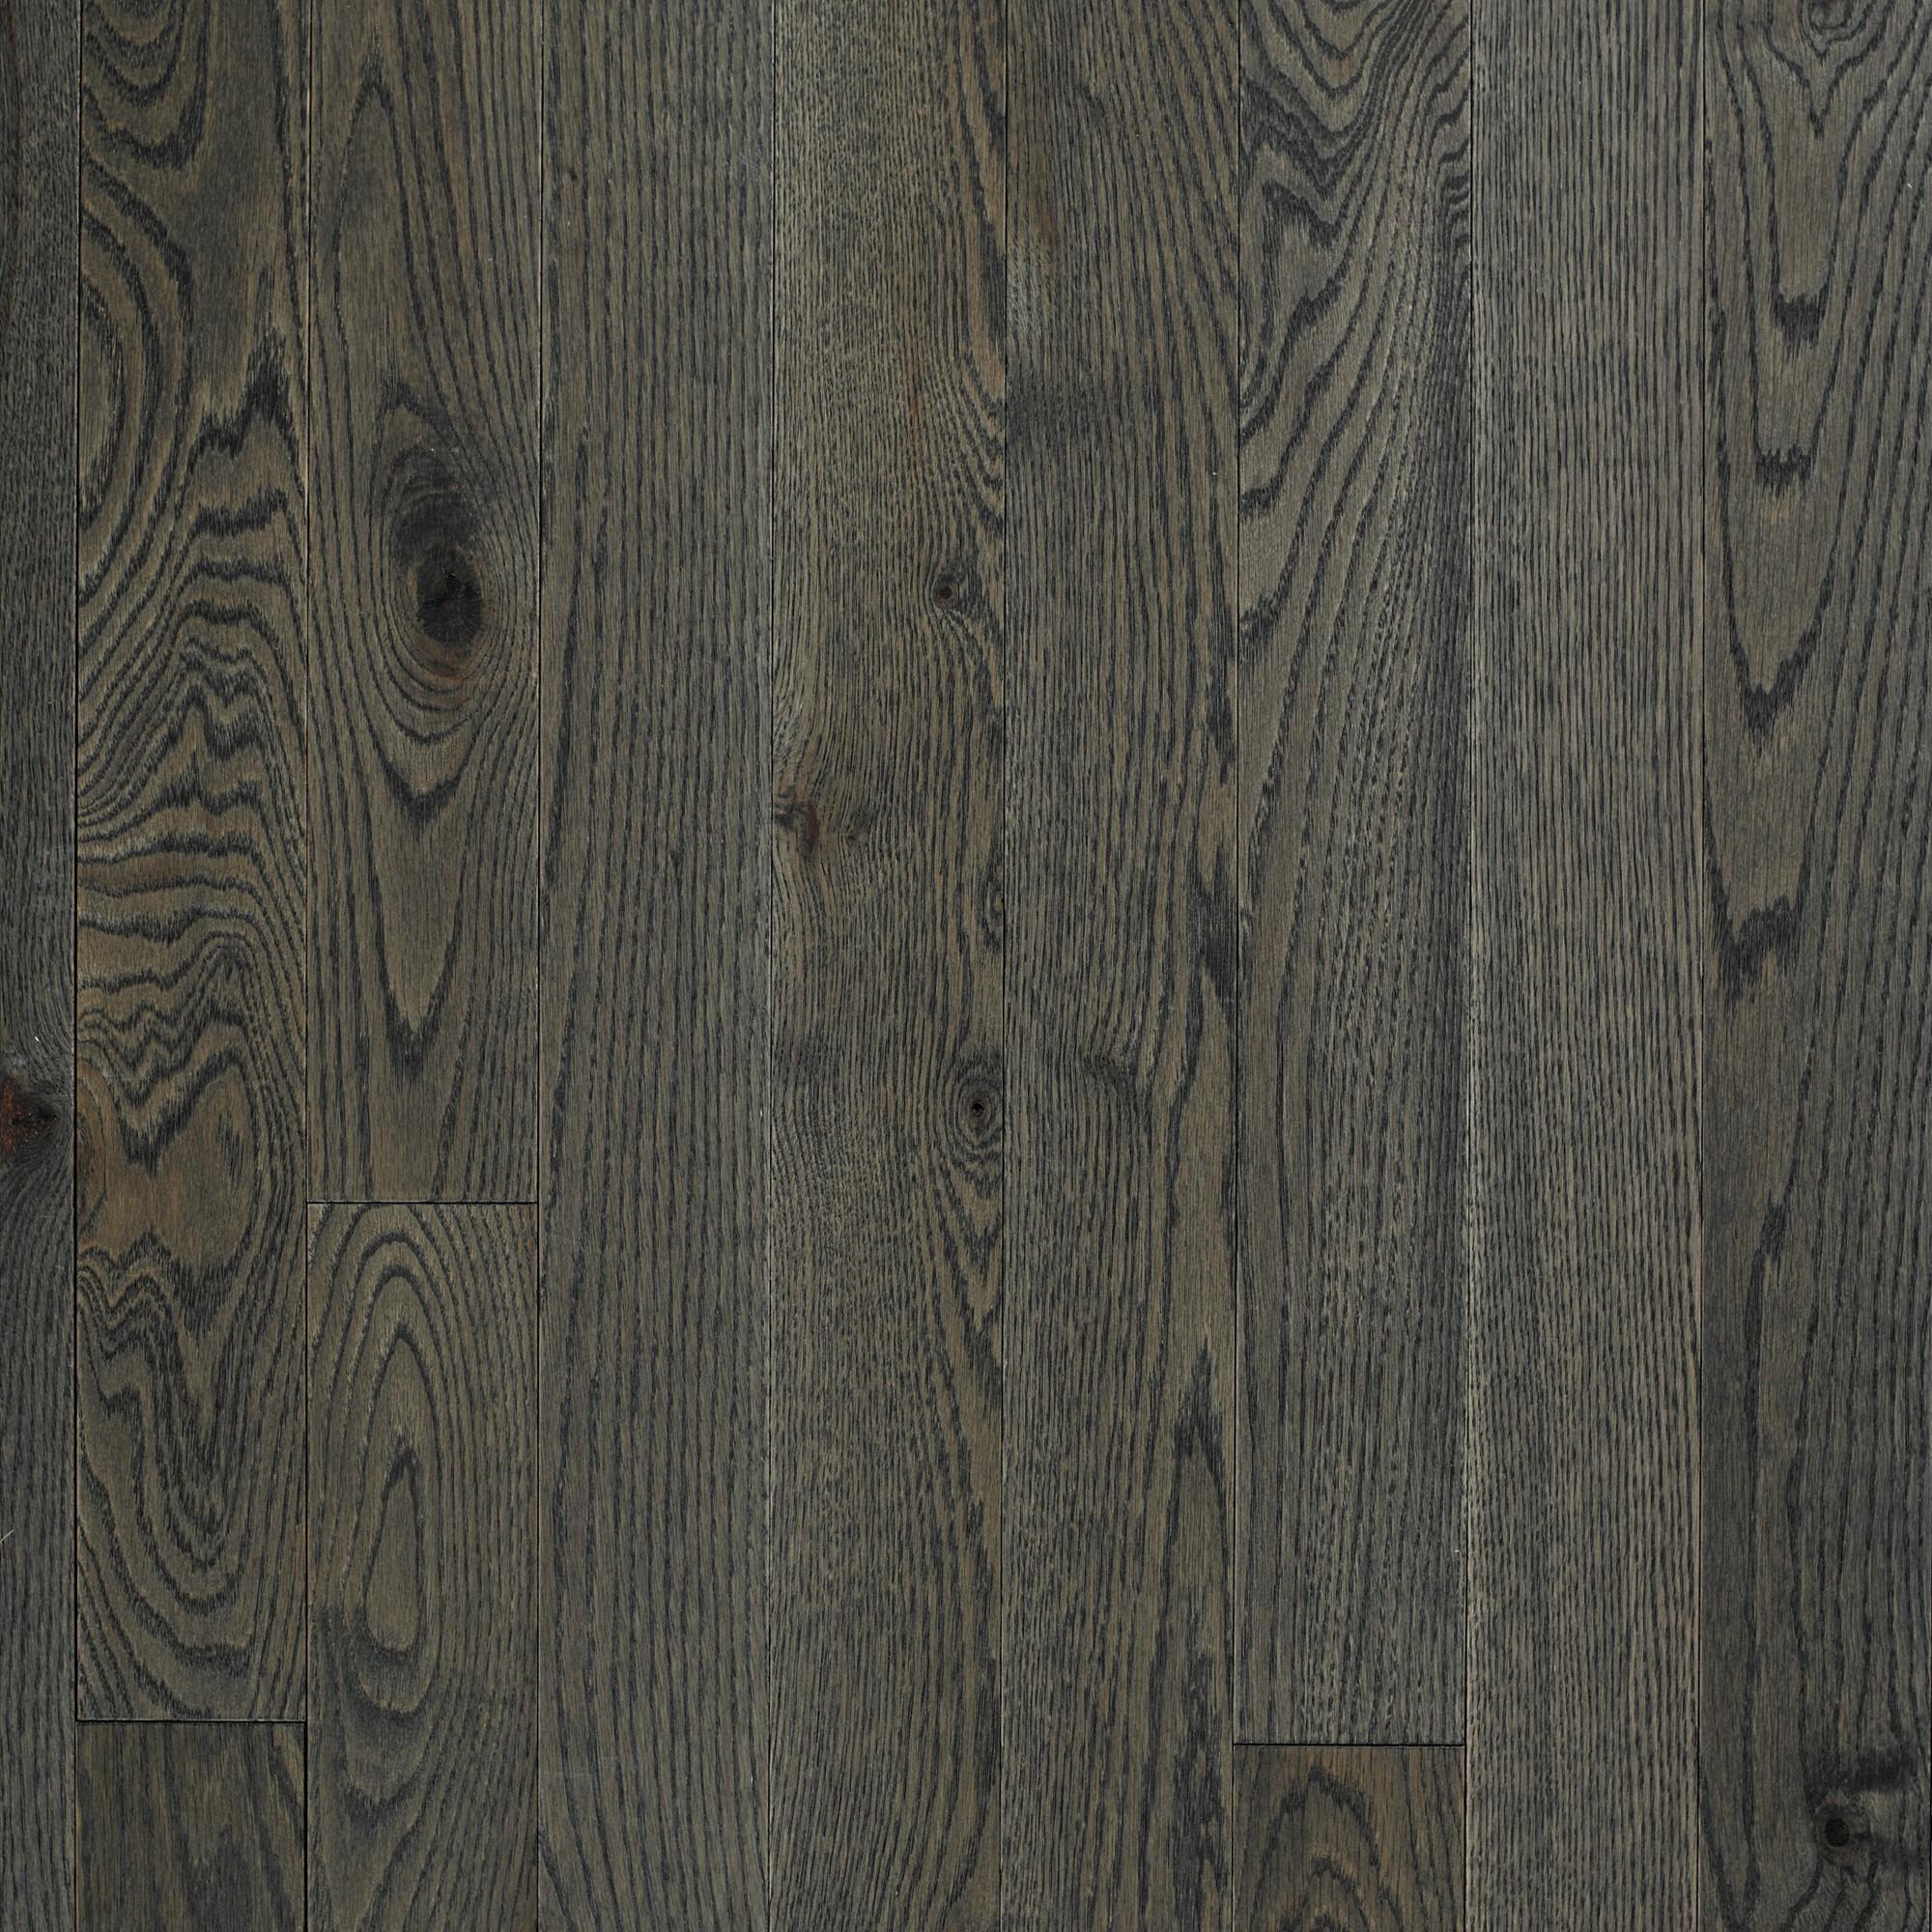 Wire Brushed Red Oak Pewter Vintage Hardwood Flooring